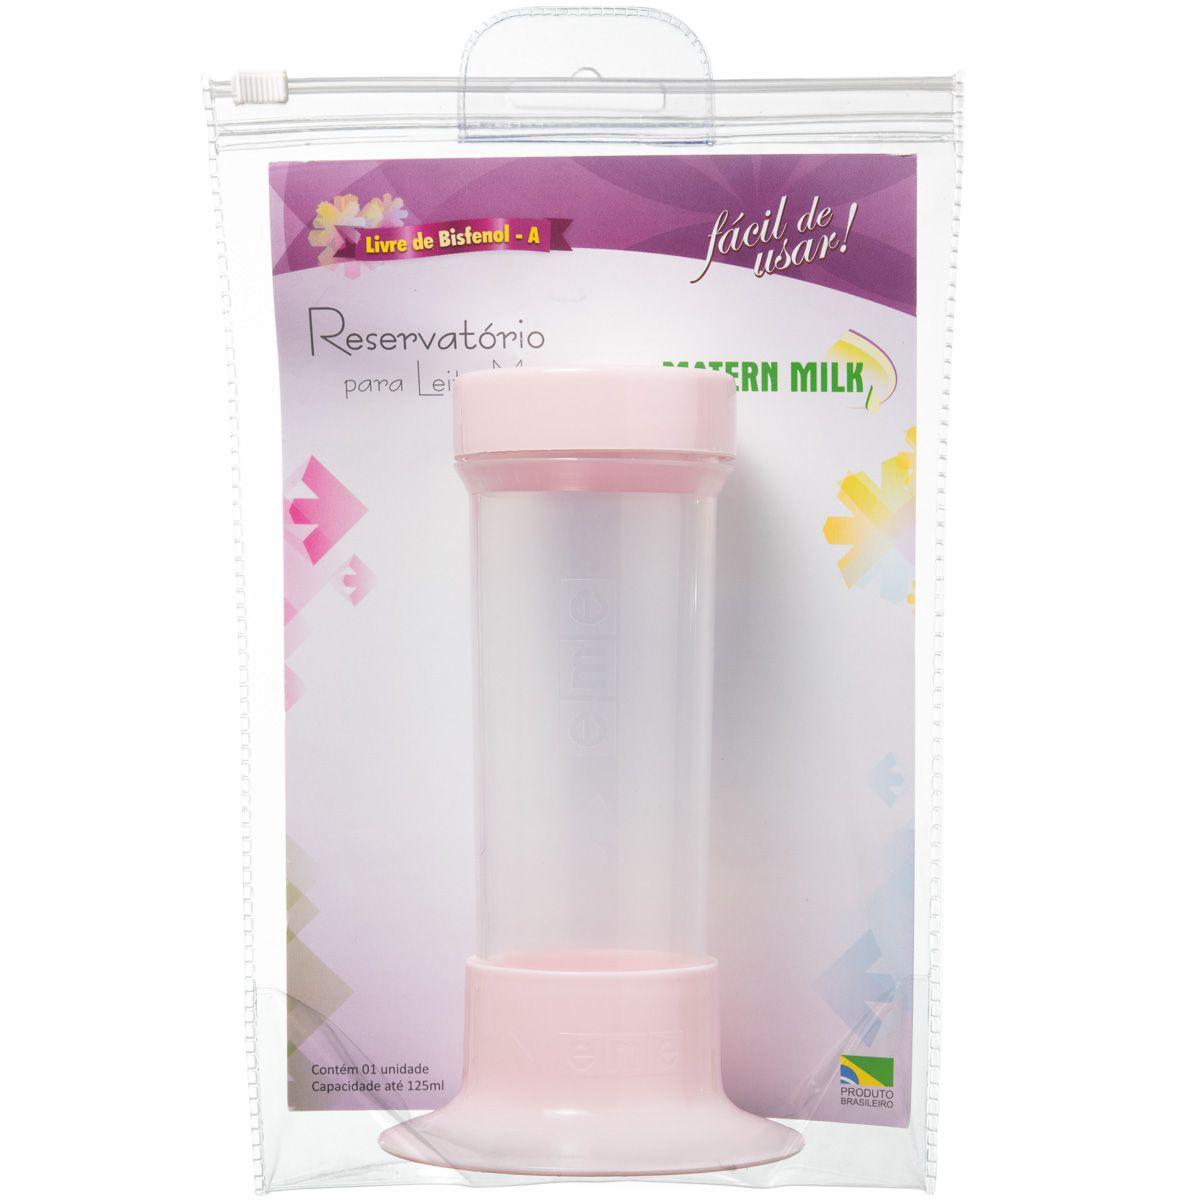 Coletor com Reservatório Matern Milk rosa - peças avulsas do Tira Leite  Matern Milk.